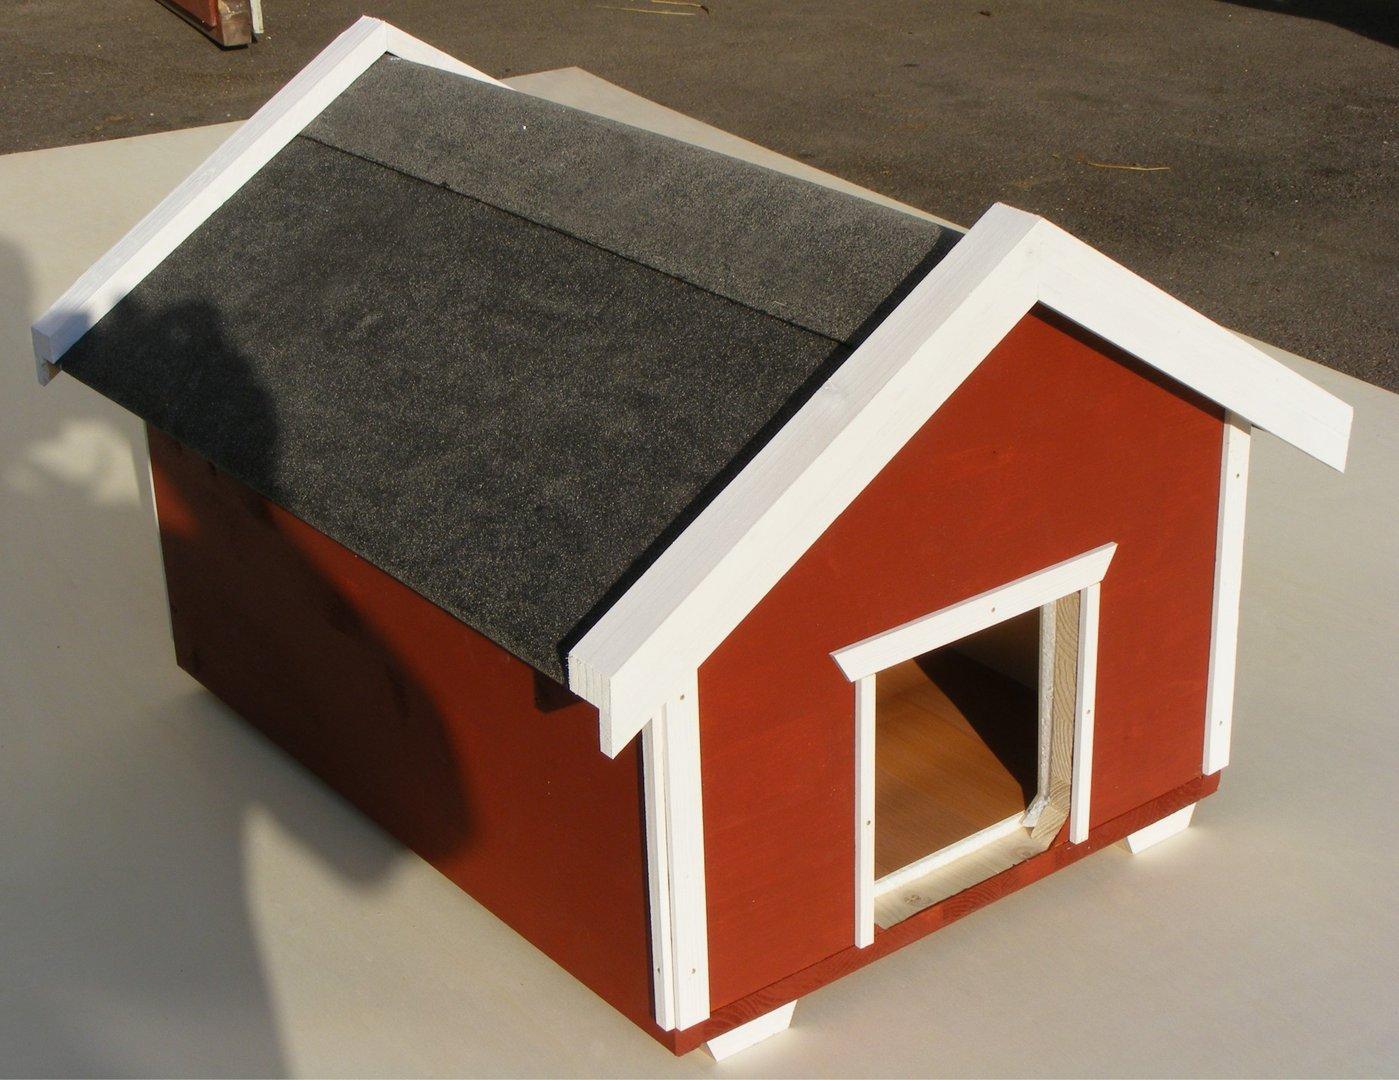 luxus katzenhaus spring schwedenrot wetterfest. Black Bedroom Furniture Sets. Home Design Ideas